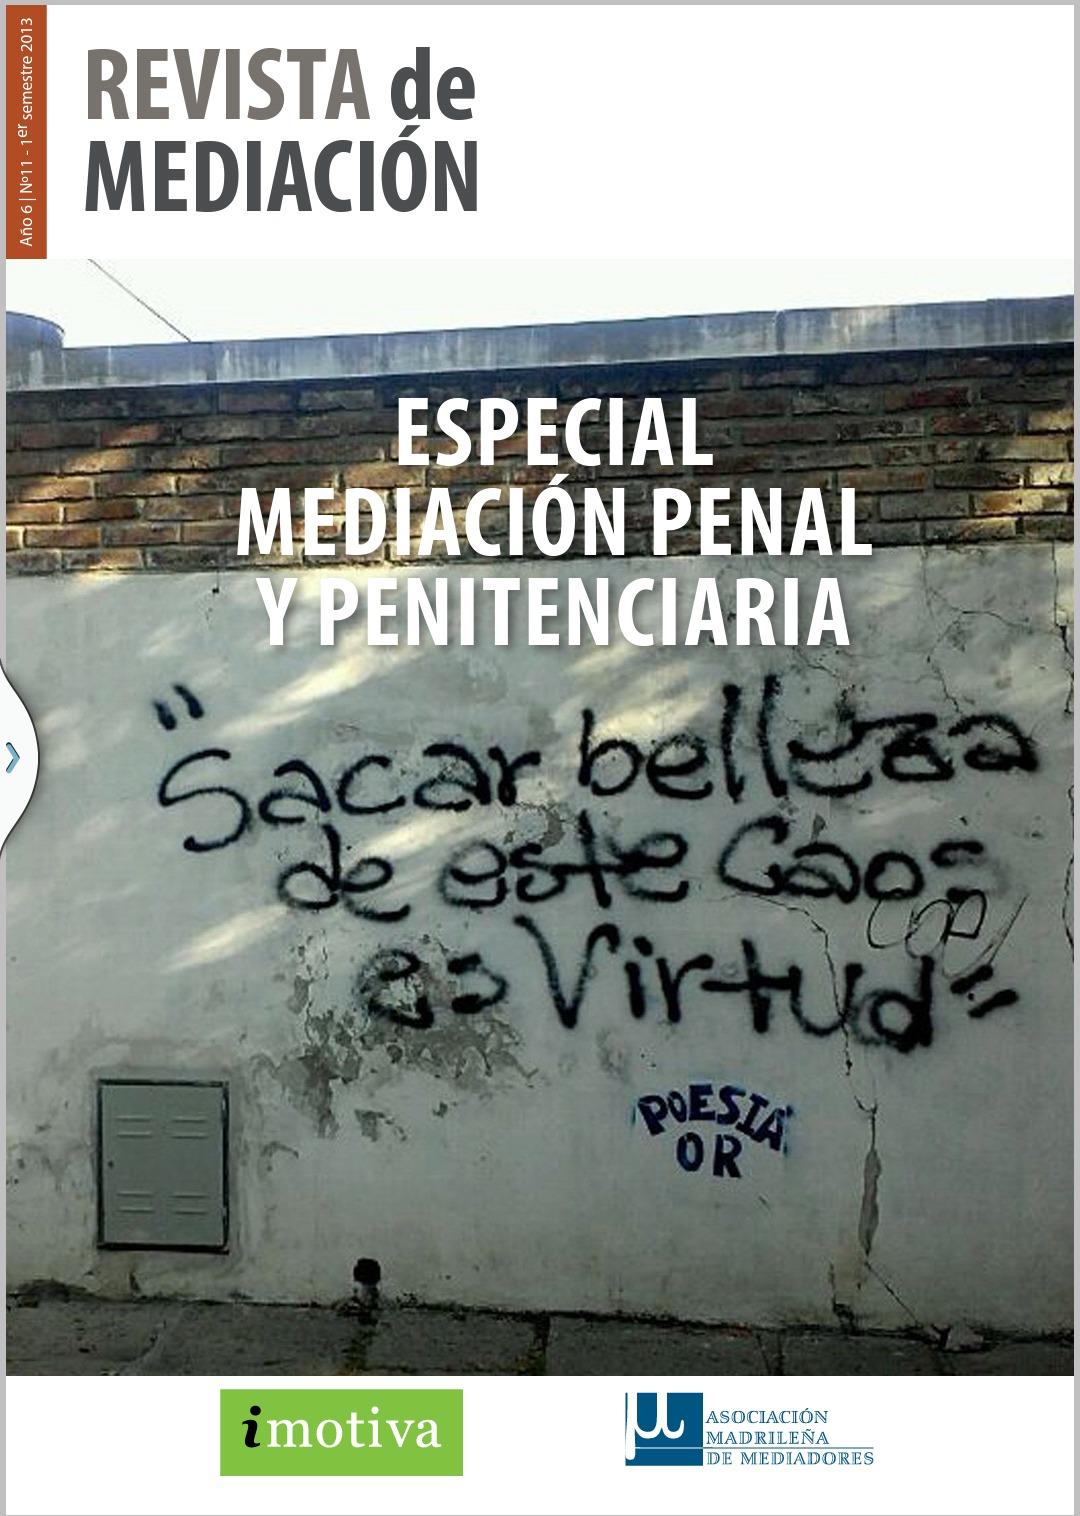 Ester del hierro publicaciones for Mediacion penitenciaria